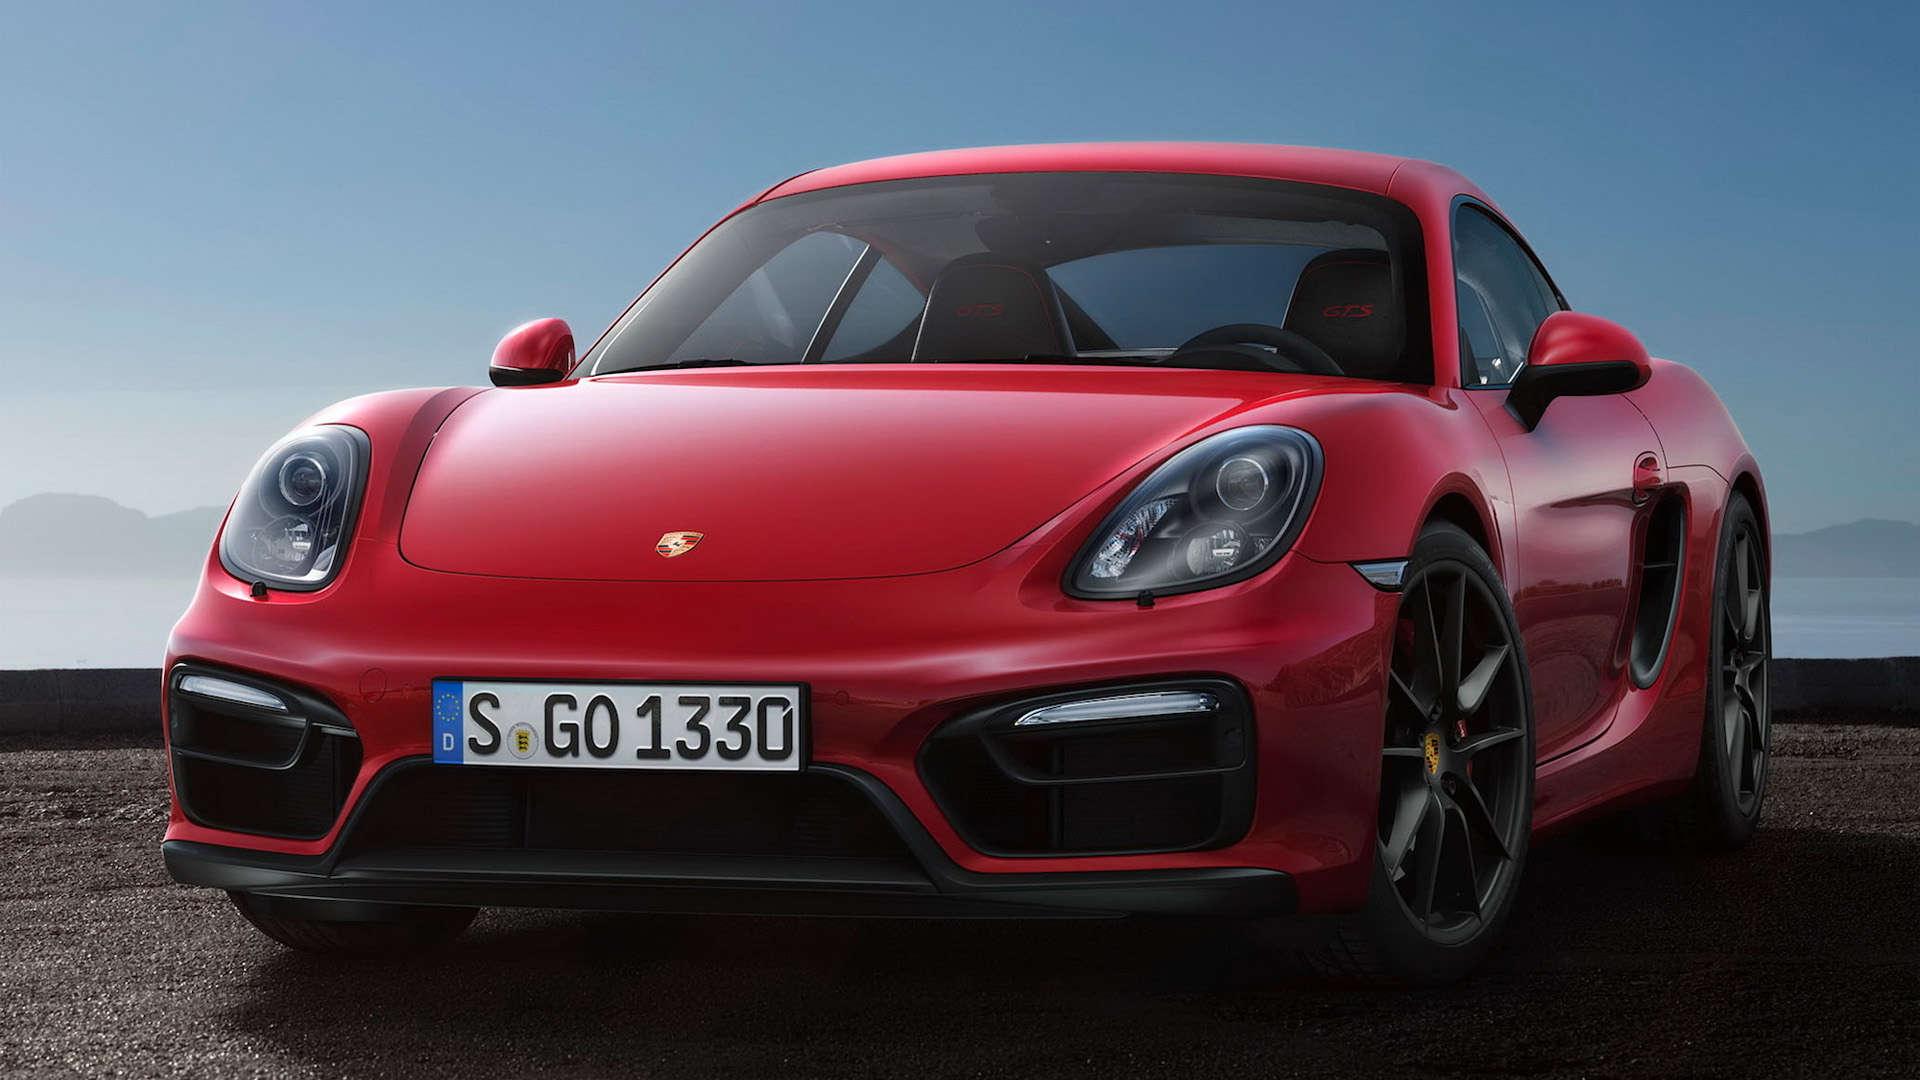 Wallpaper 2014 Porsche Cayman GTS HD Wallpaper 1080p Upload at March 1920x1080